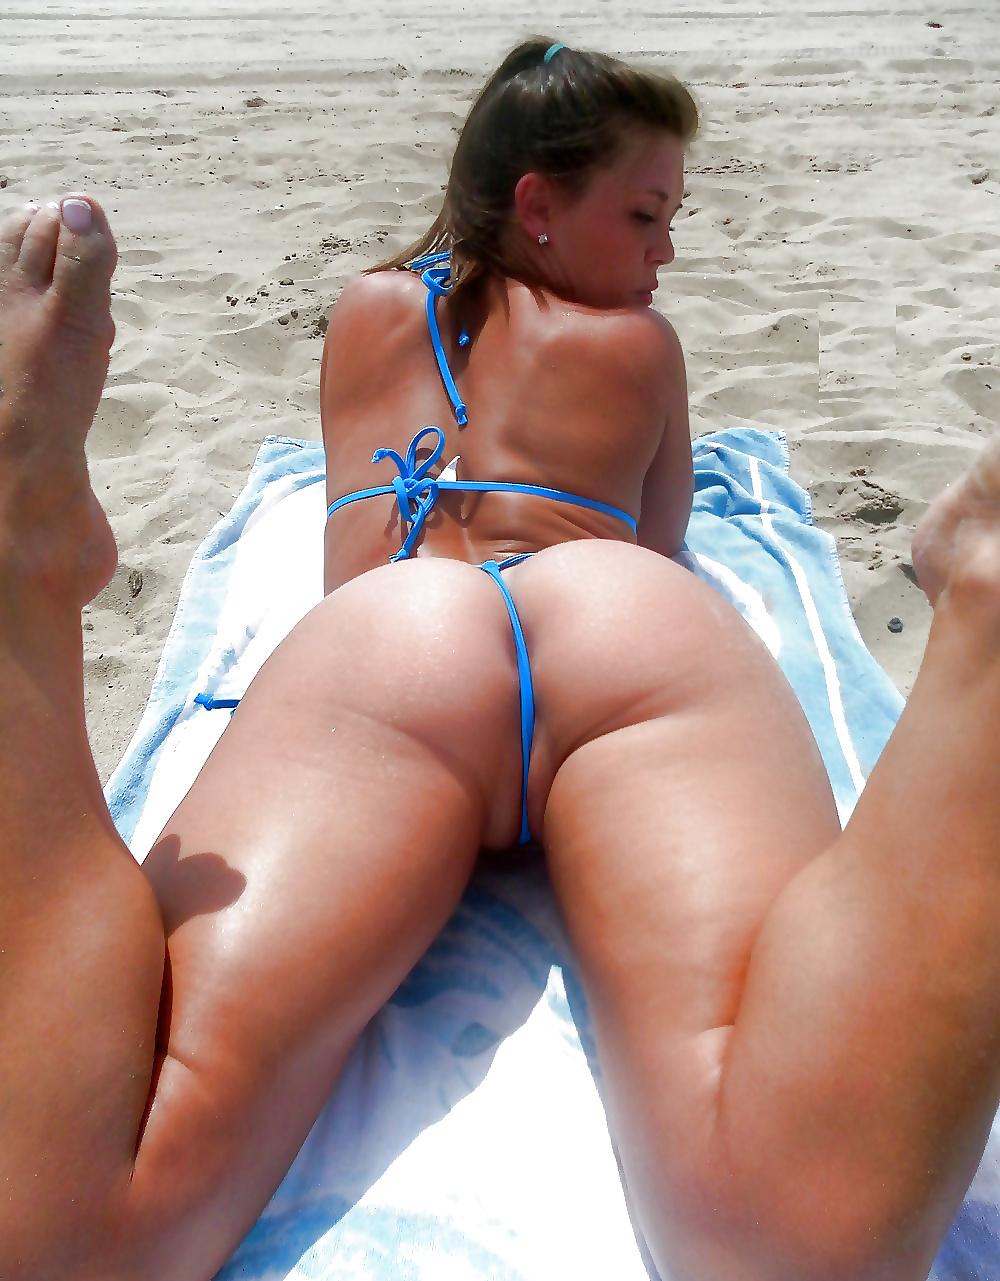 Засвеченные попки на пляже в бикини, мужик меряет свой член